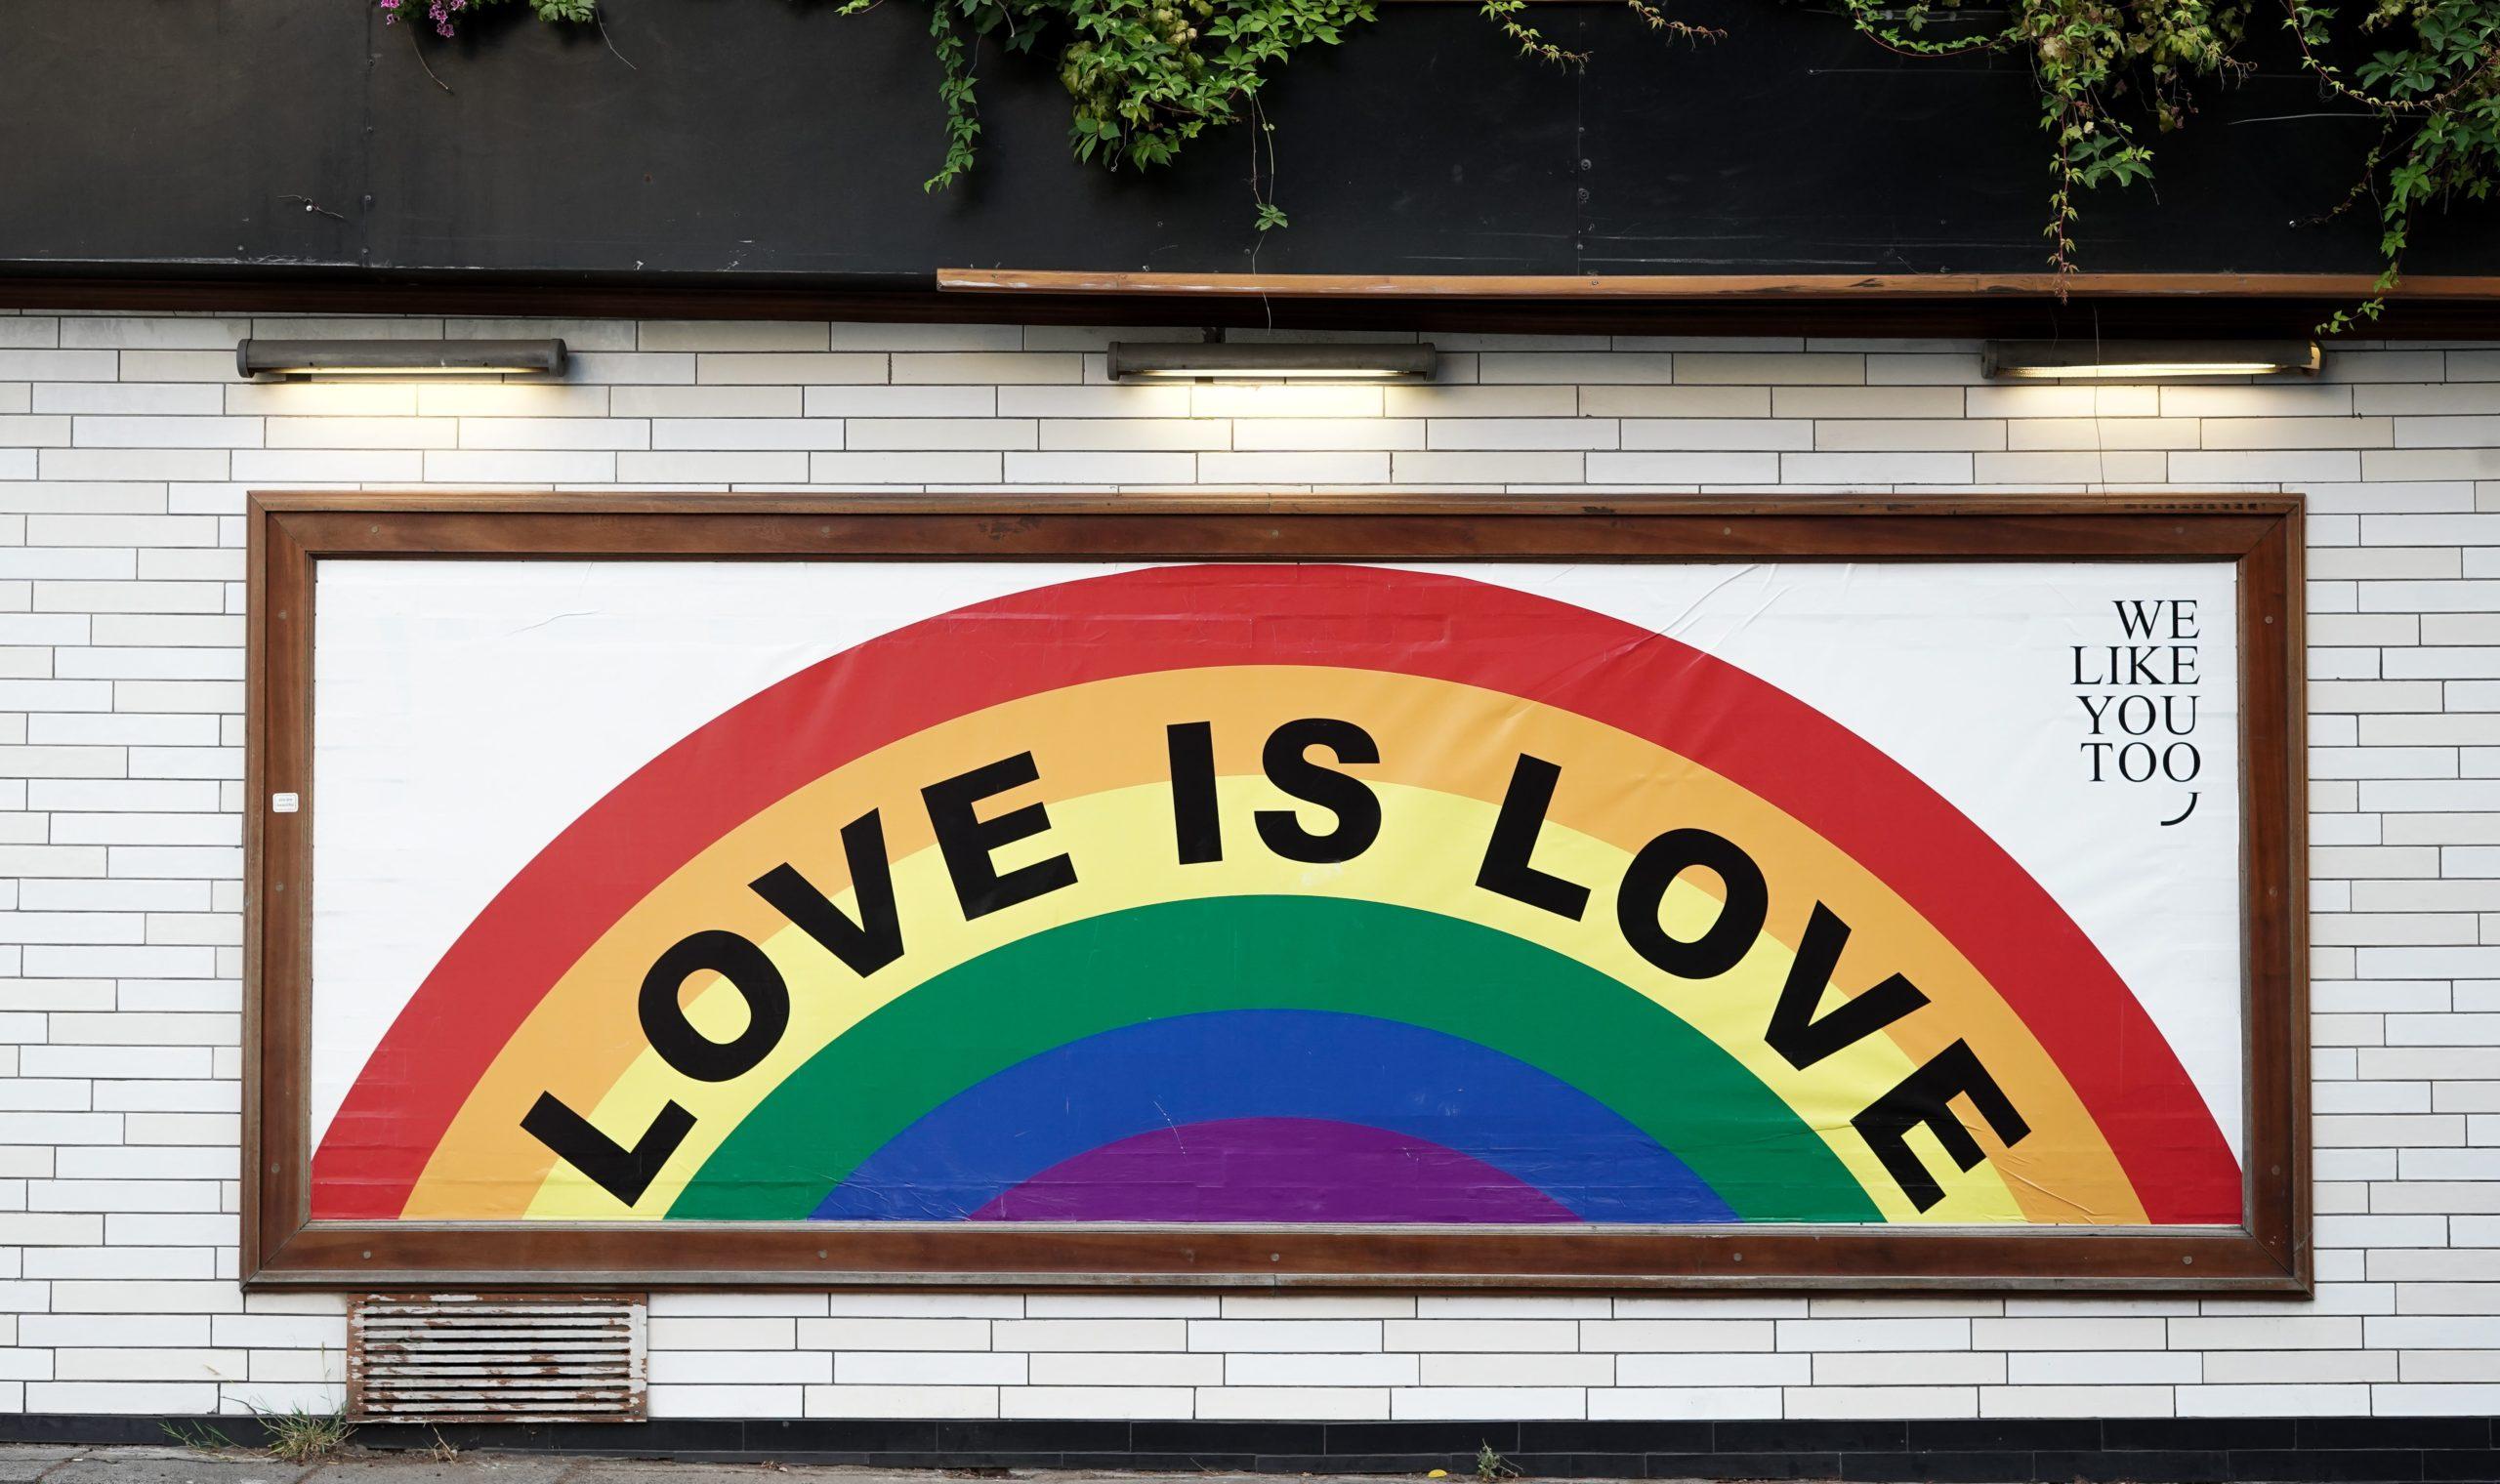 Ganó el amor: 2020 rompió récord de personas con identidad LGBT+ en el mundo